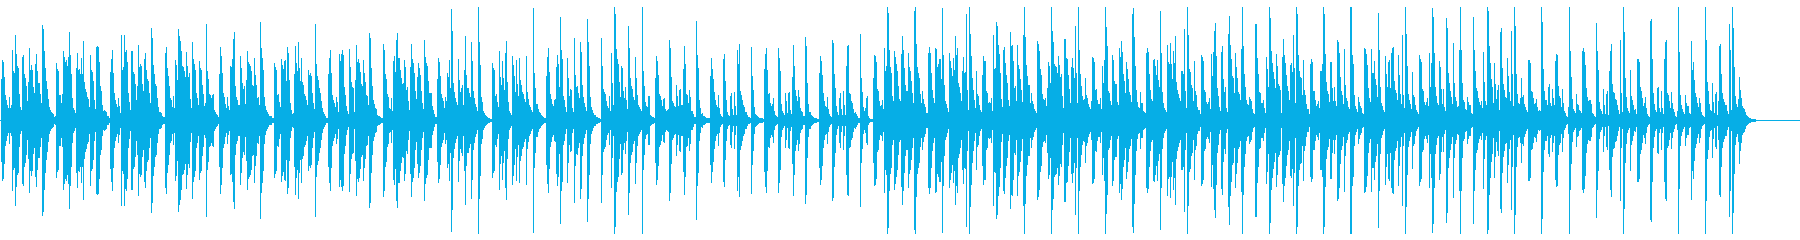 会話シーンのギャグパート系の再生済みの波形